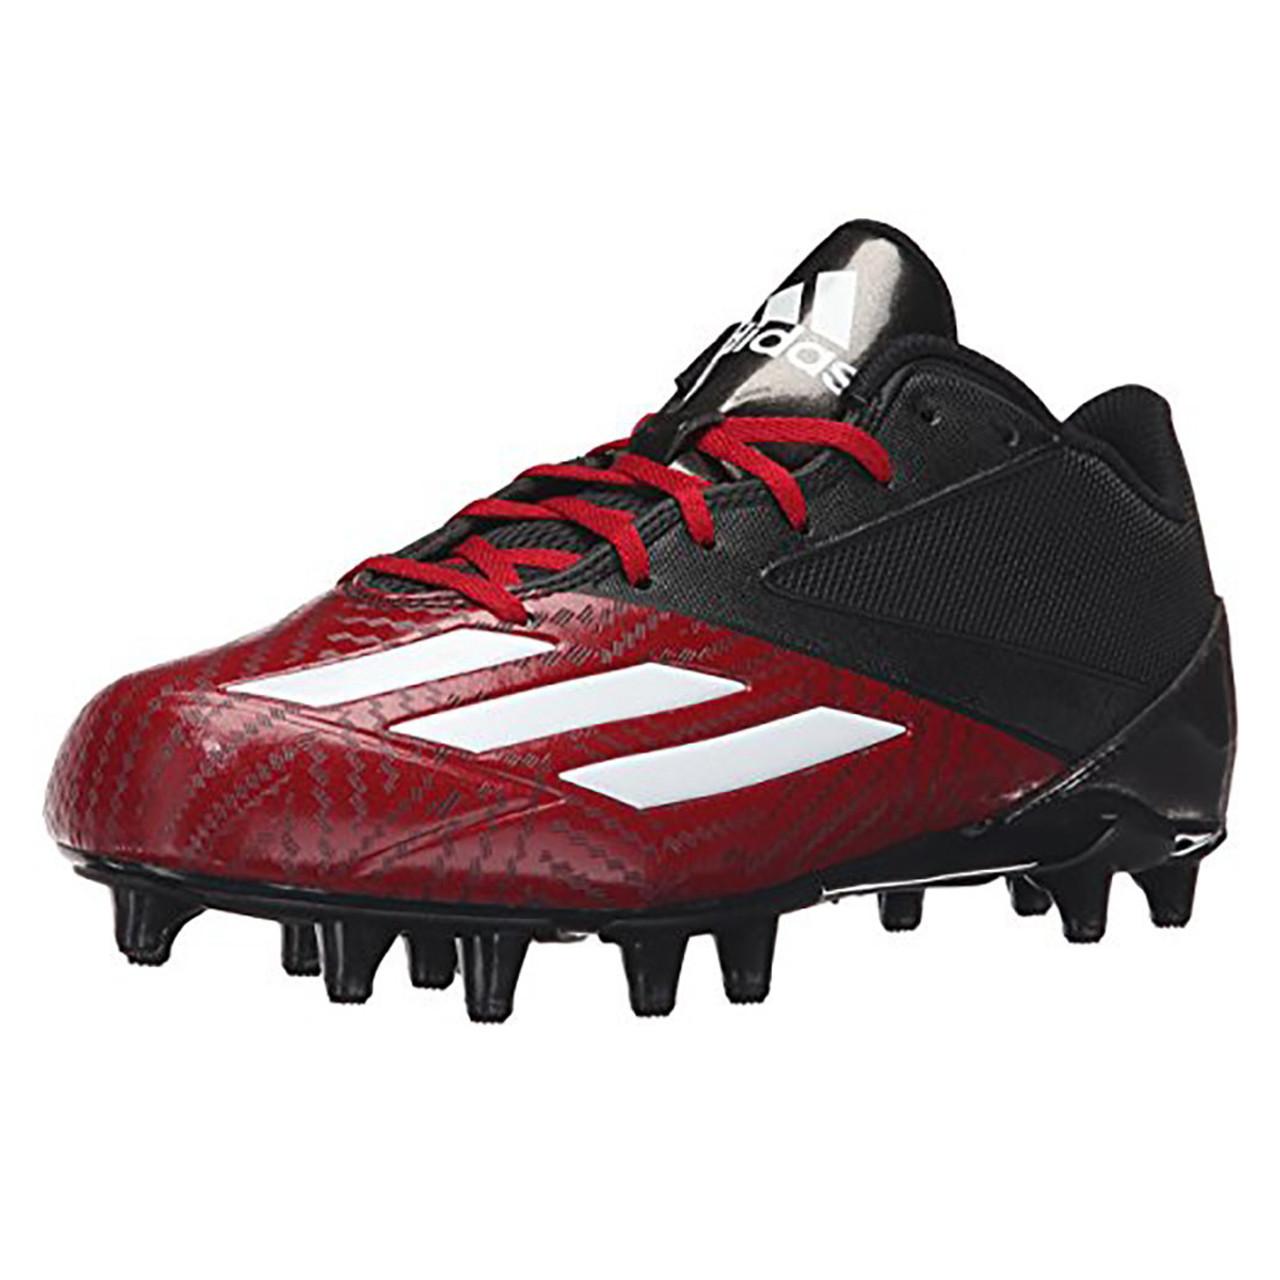 f21d1392d71 Adidas Adizero 5-Star Low Football Lacrosse Cleats D70176 - Black